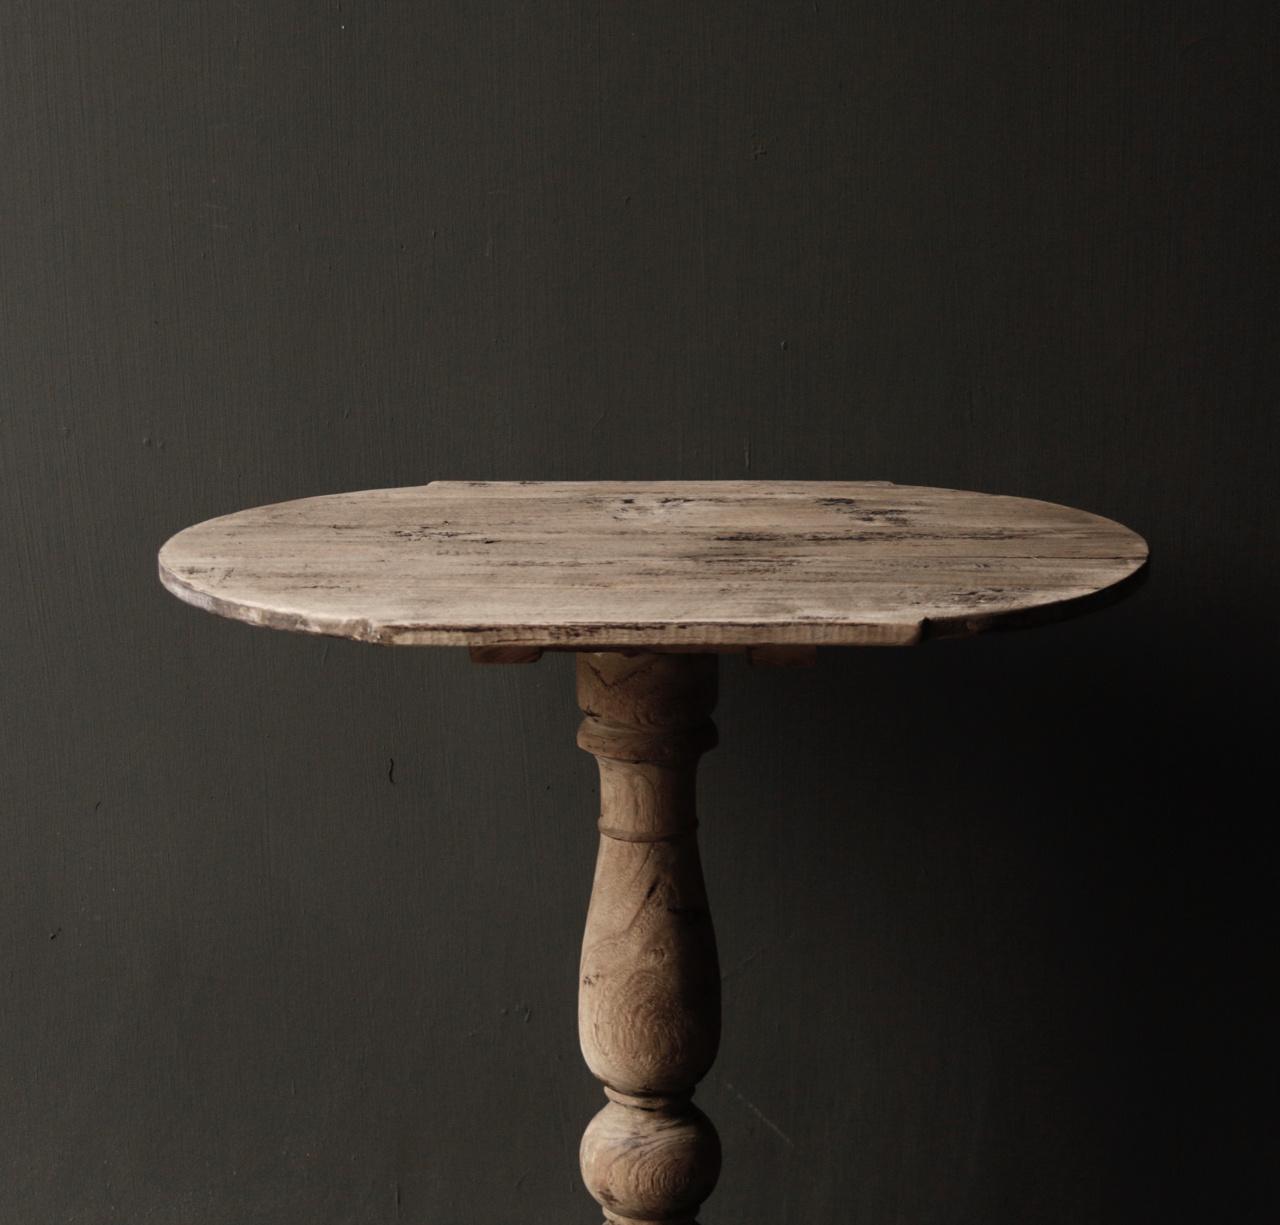 Ovaler Weintisch aus Holz-5